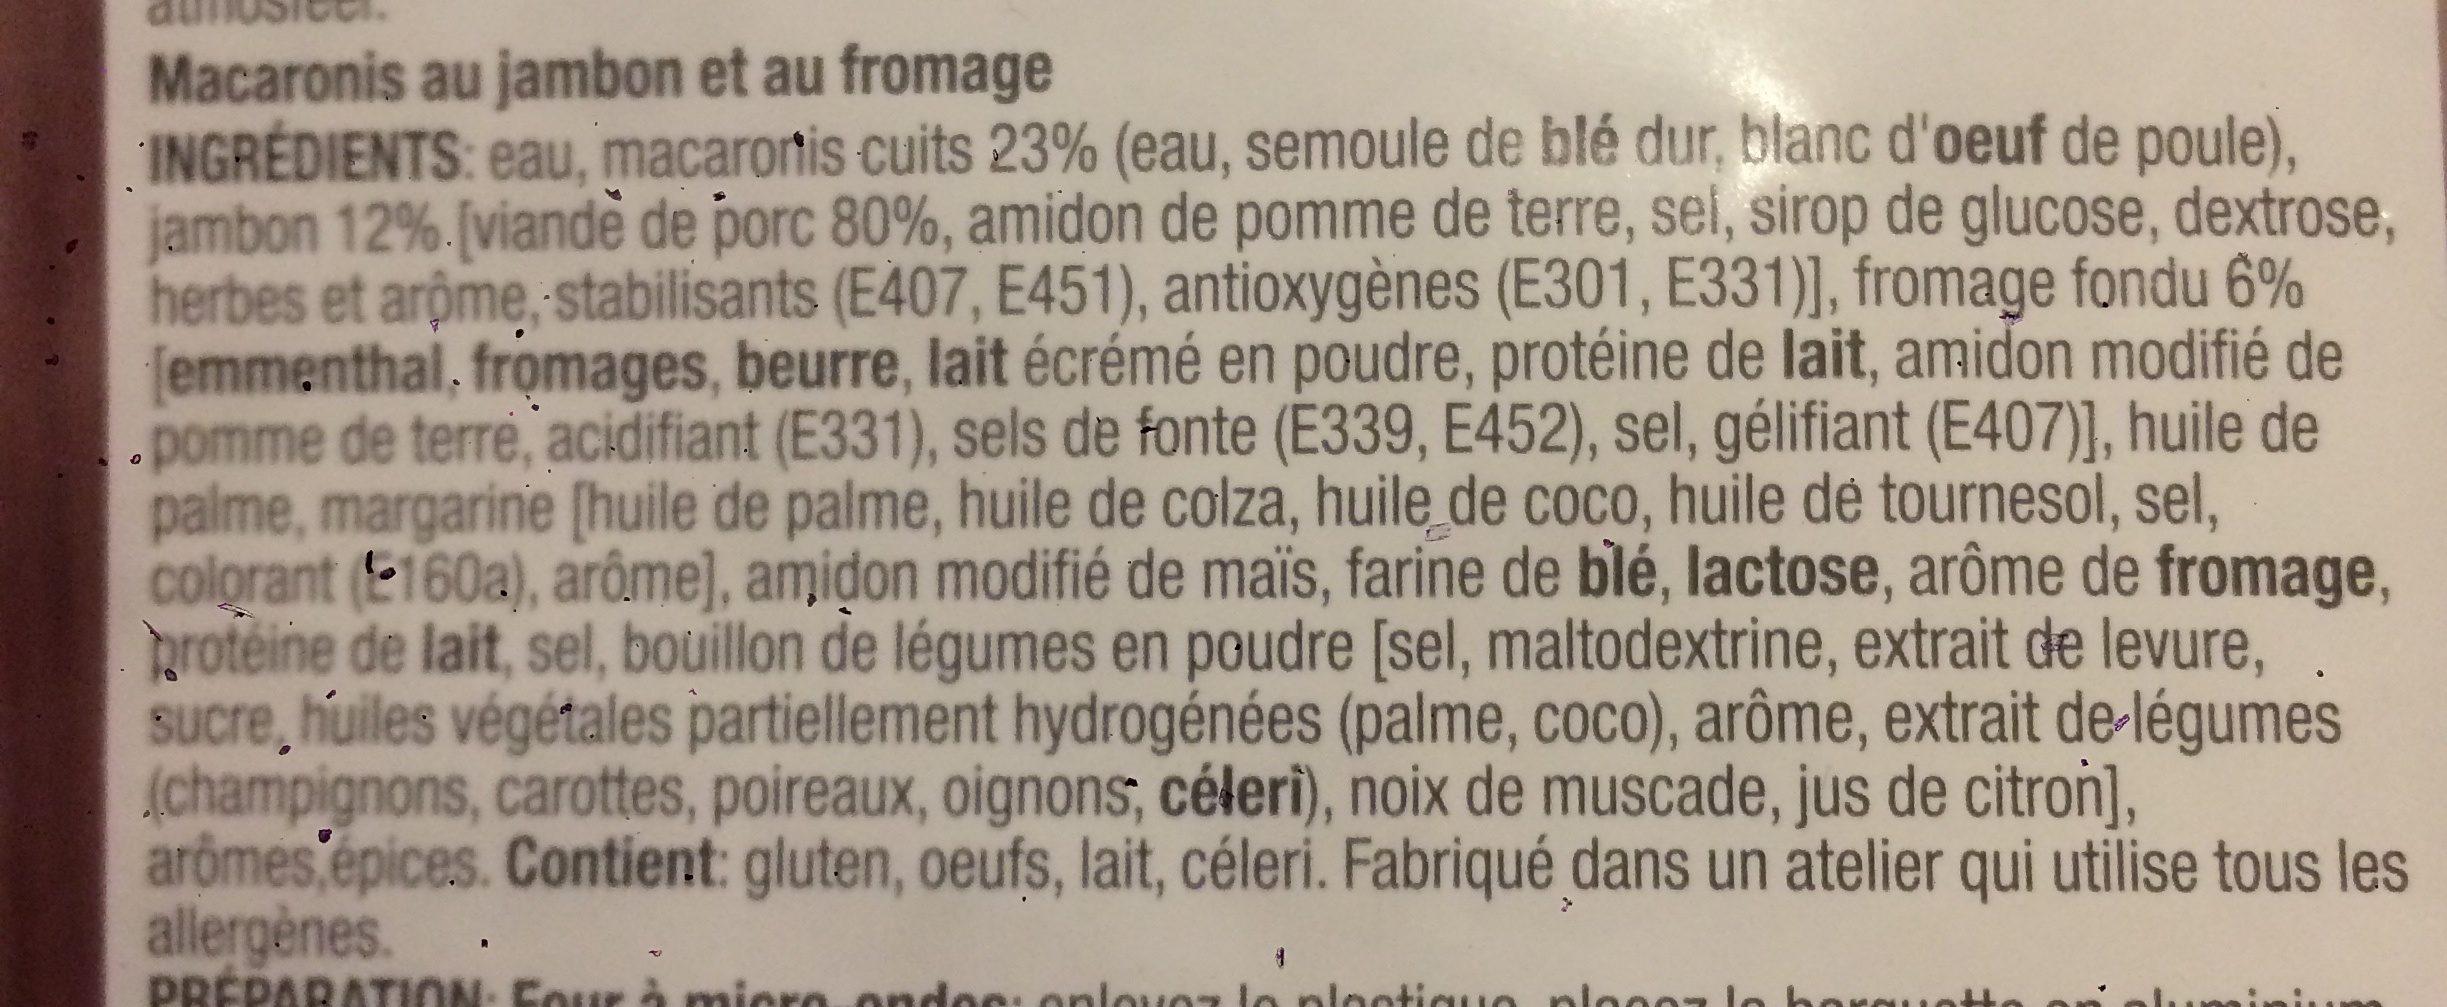 Macaroni Jambon Fromage - Ingrediënten - fr